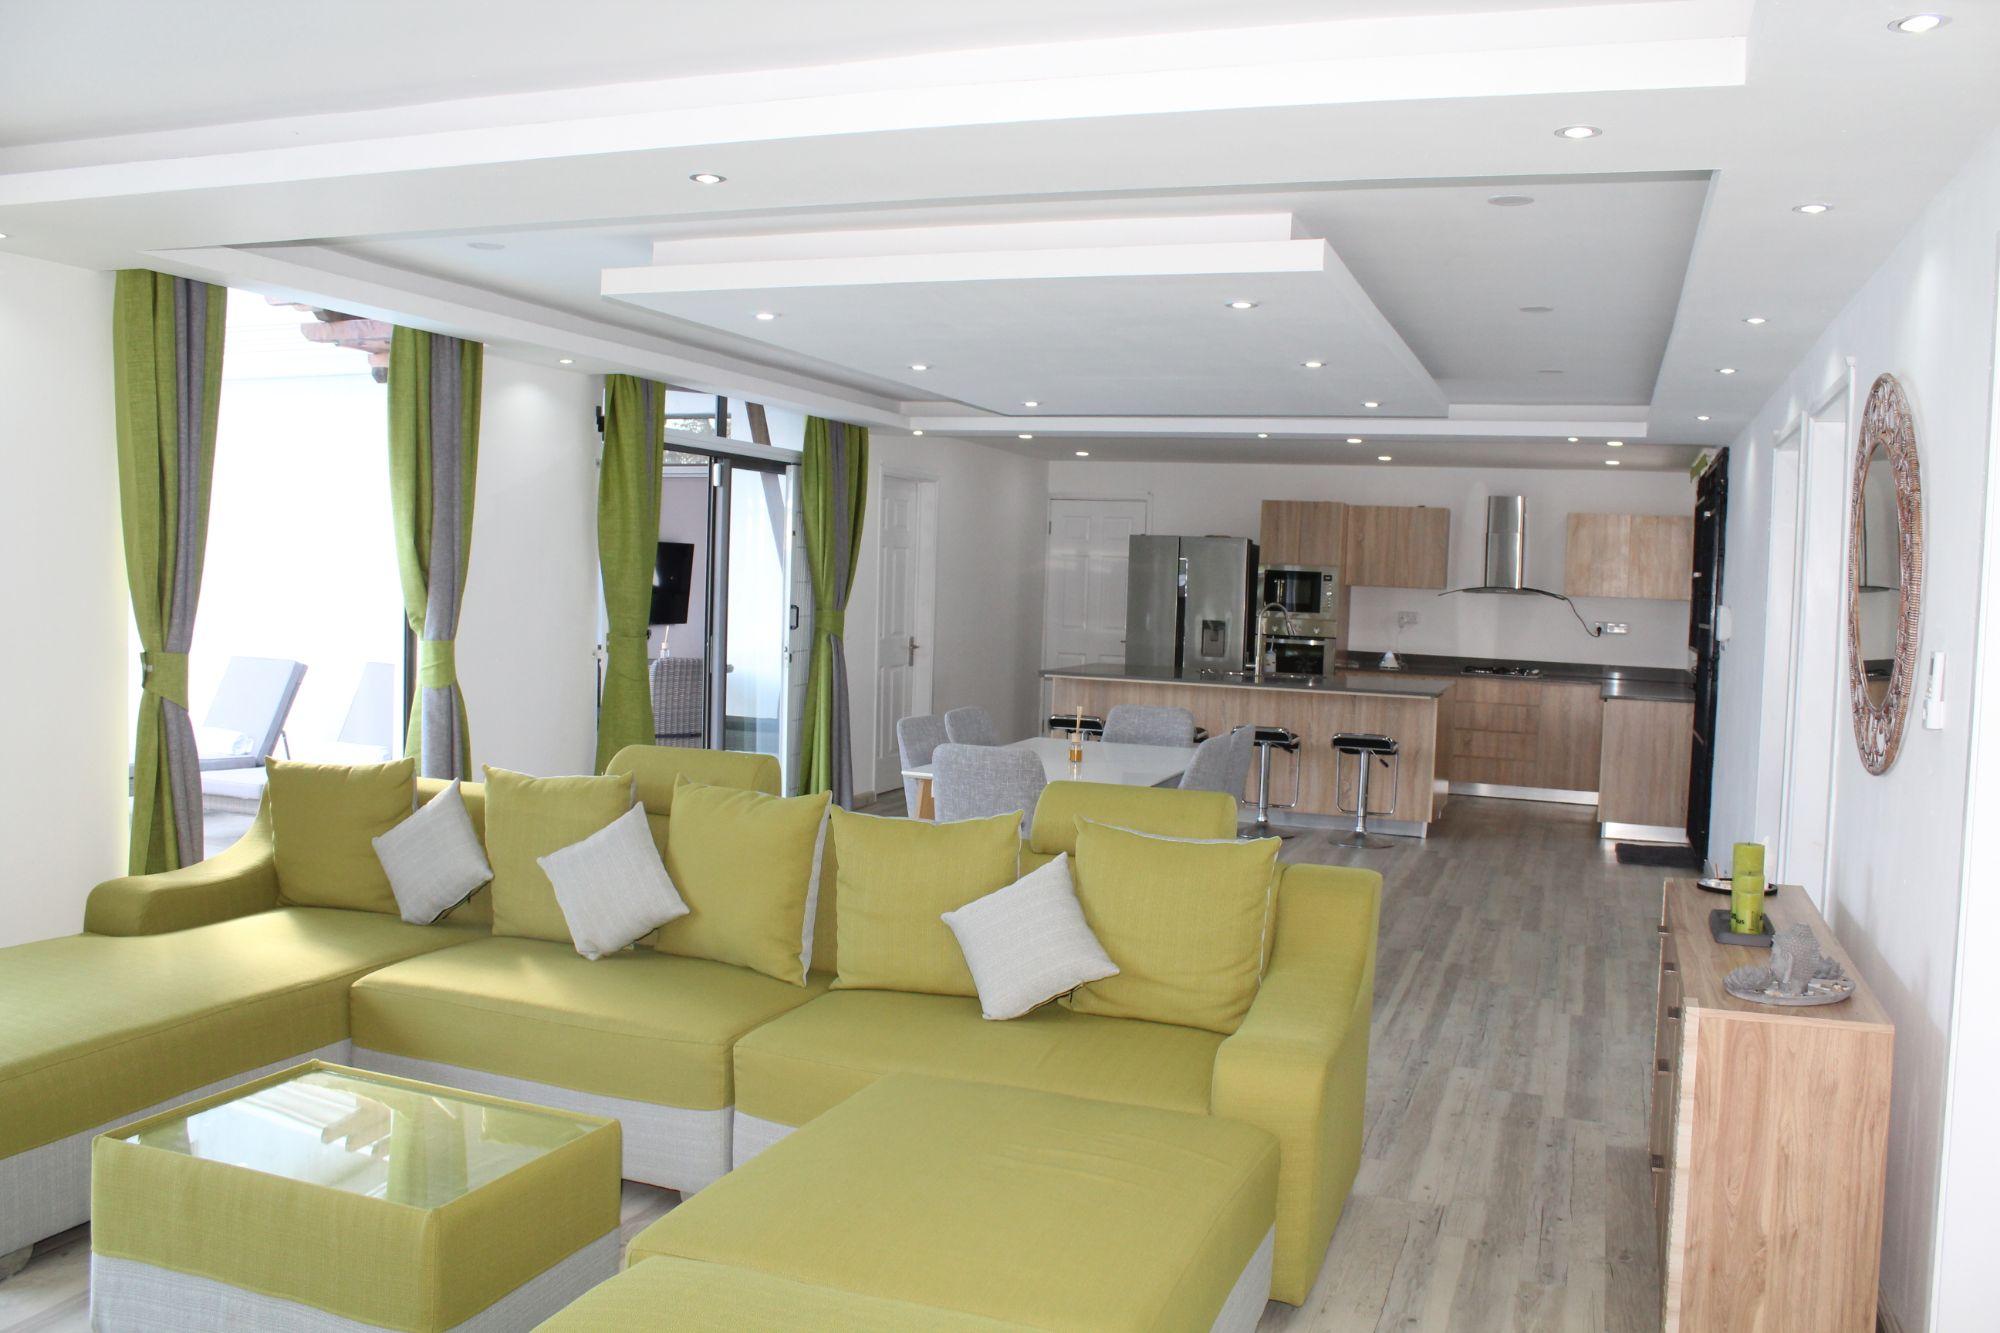 Magnifique maison contemporaine de plain-pied, meublée et équipée, de 146 m2 sur un terrain de 100 toises située dans un morcellement résidentiel à Balaclava.